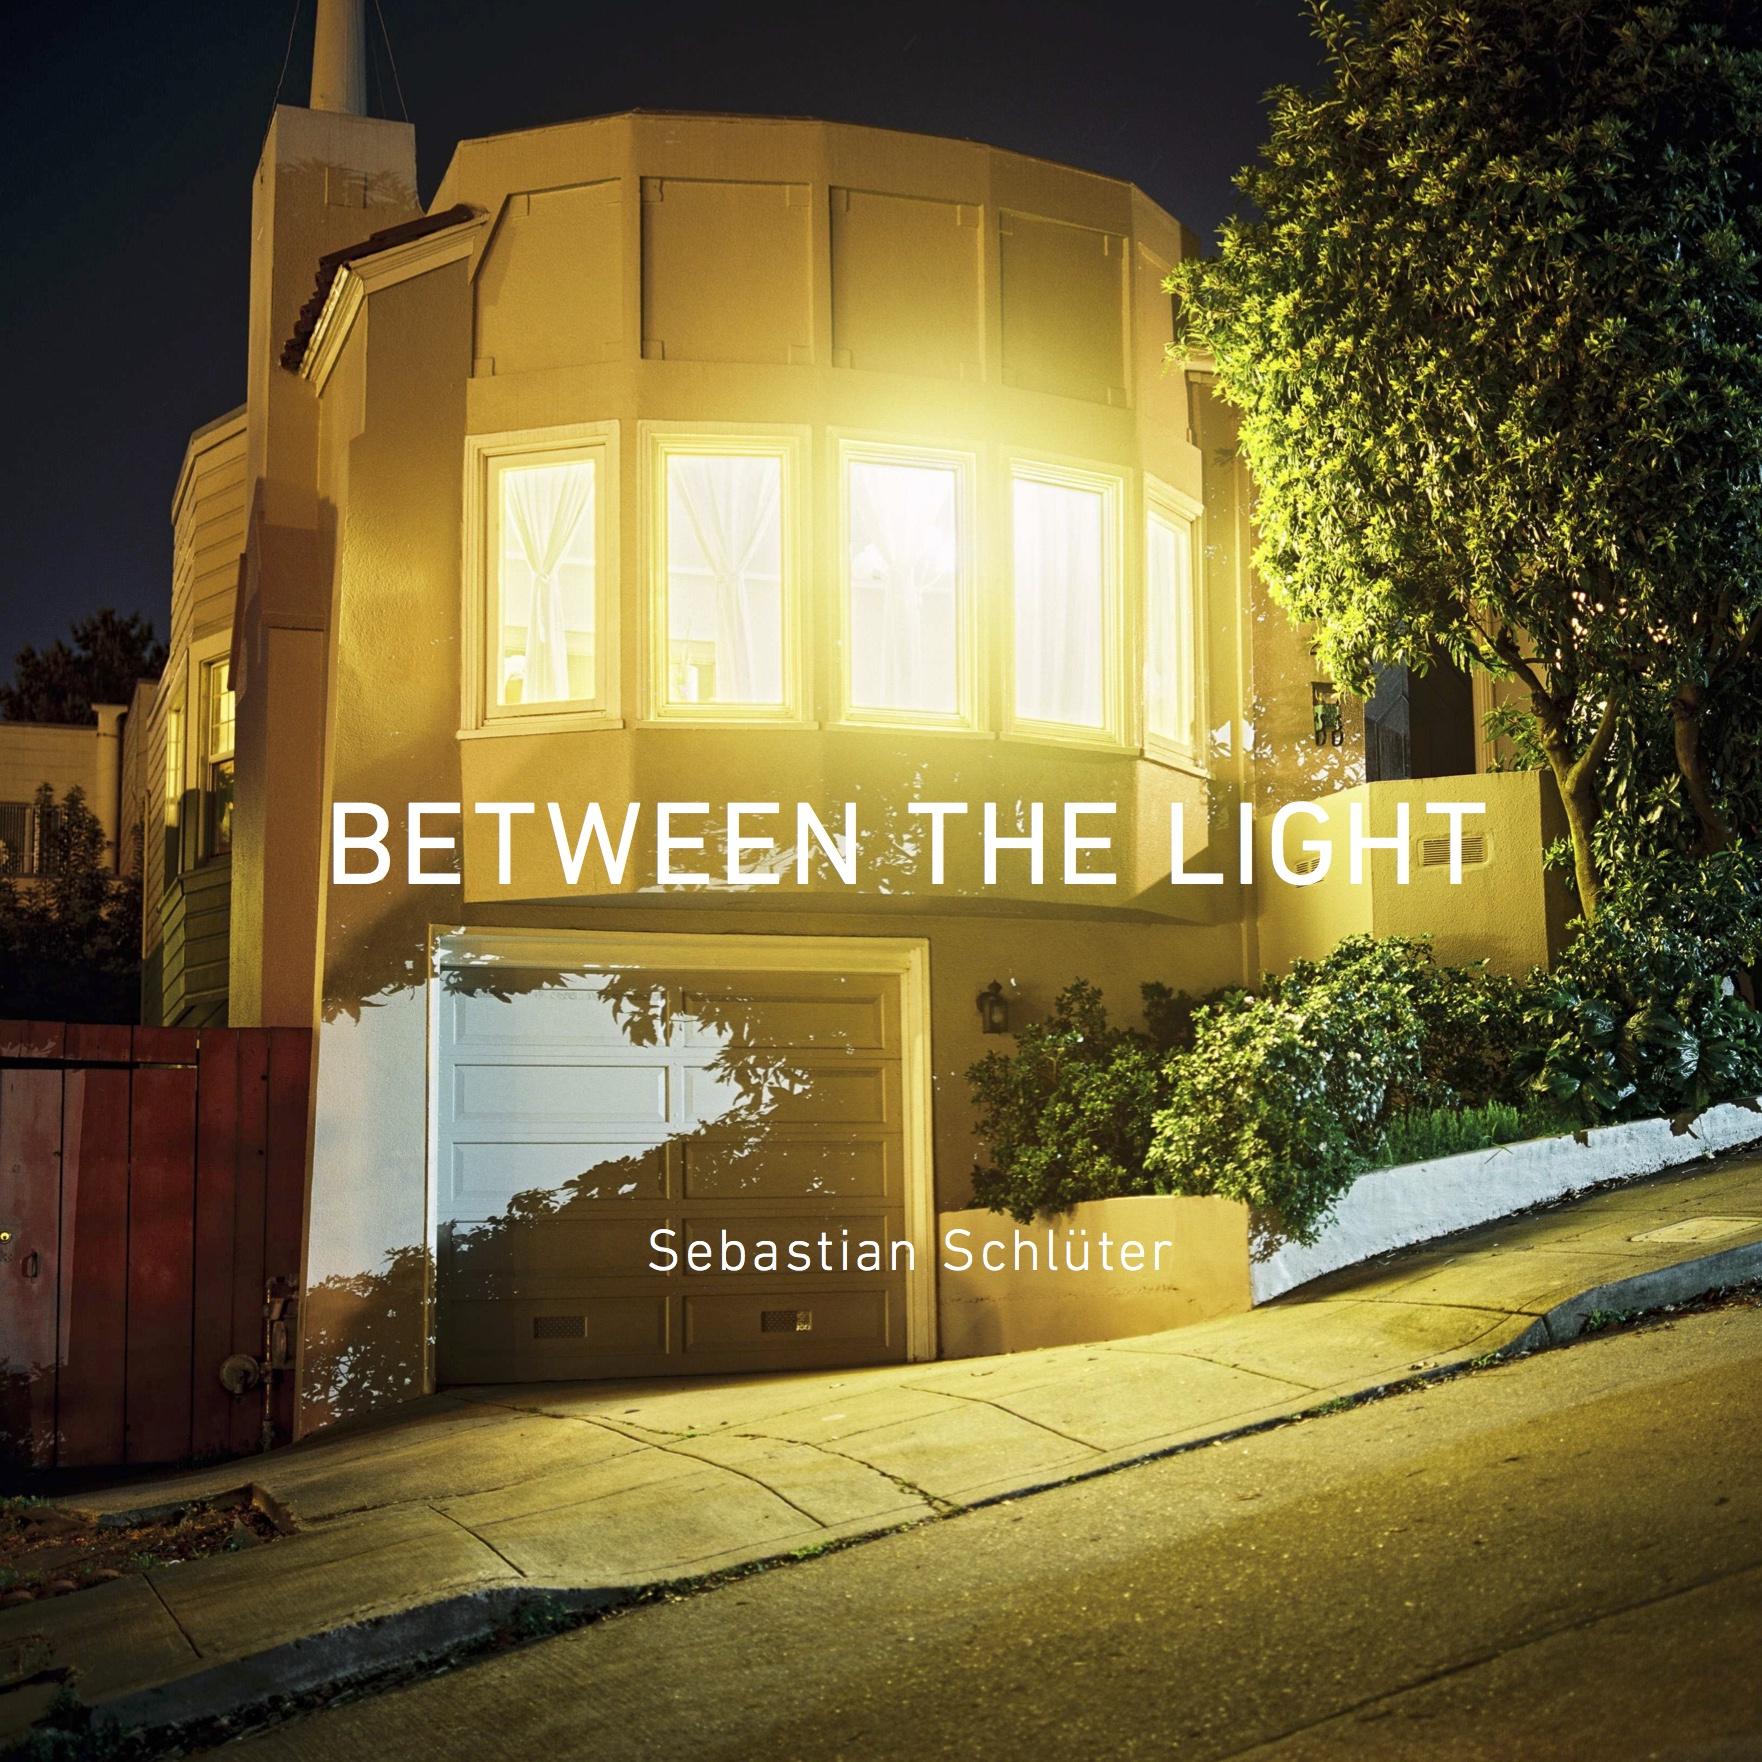 BetweenTheLight.jpg